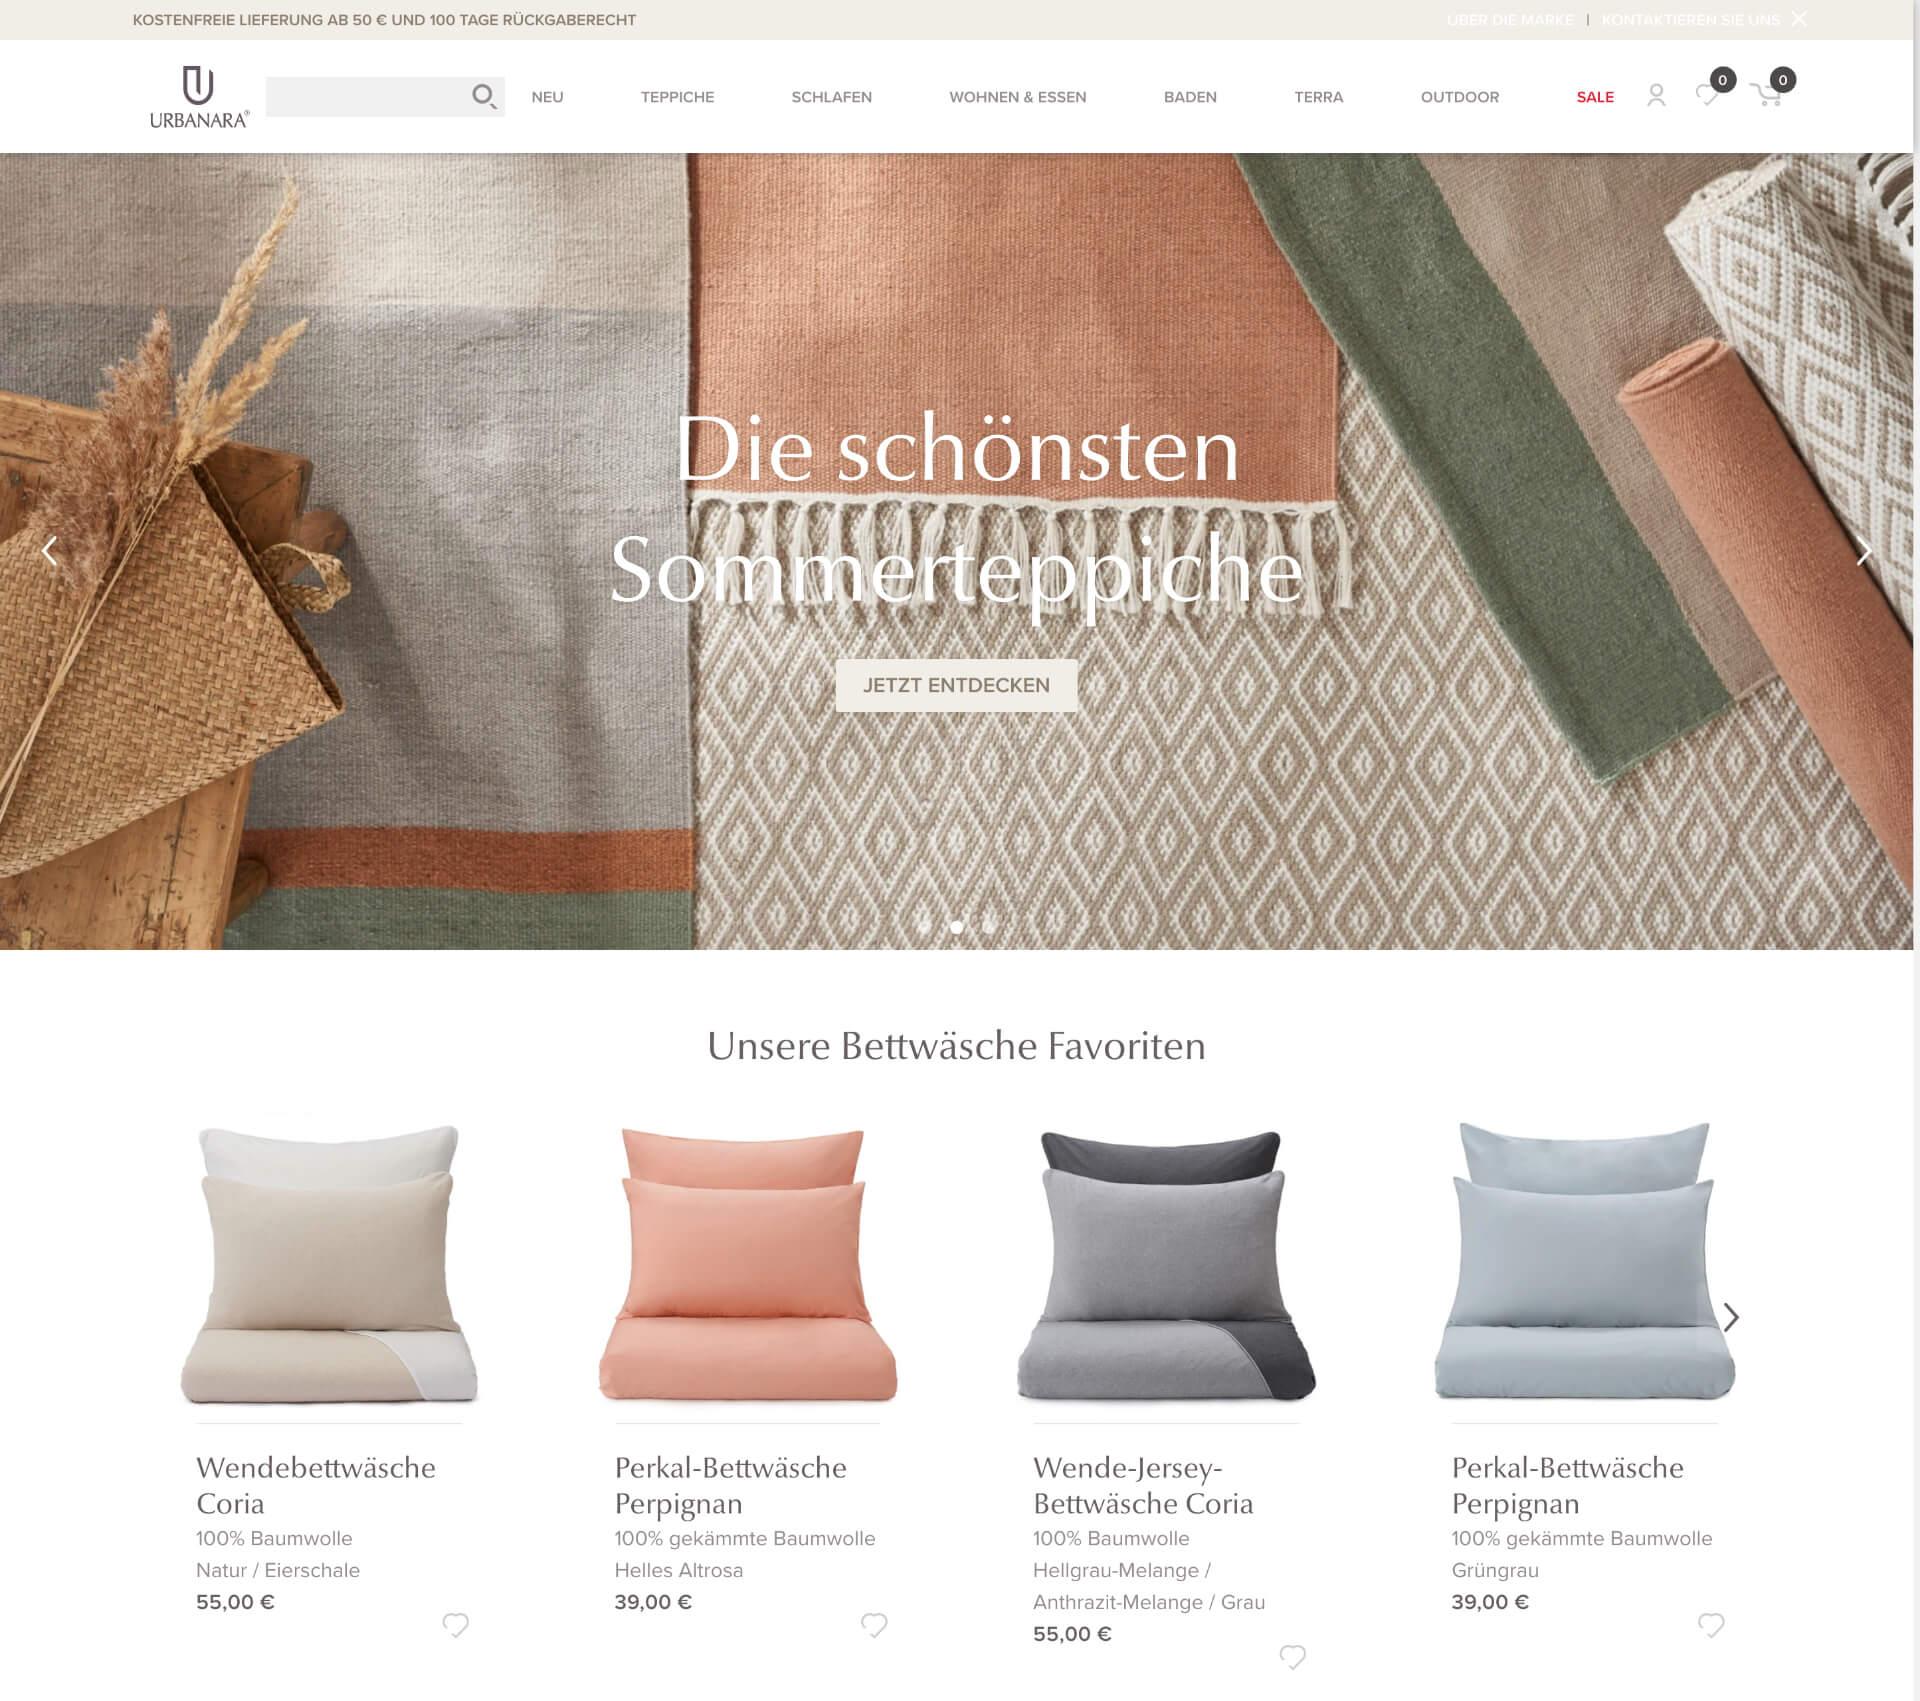 Shopify Plus webshop for URBANARA